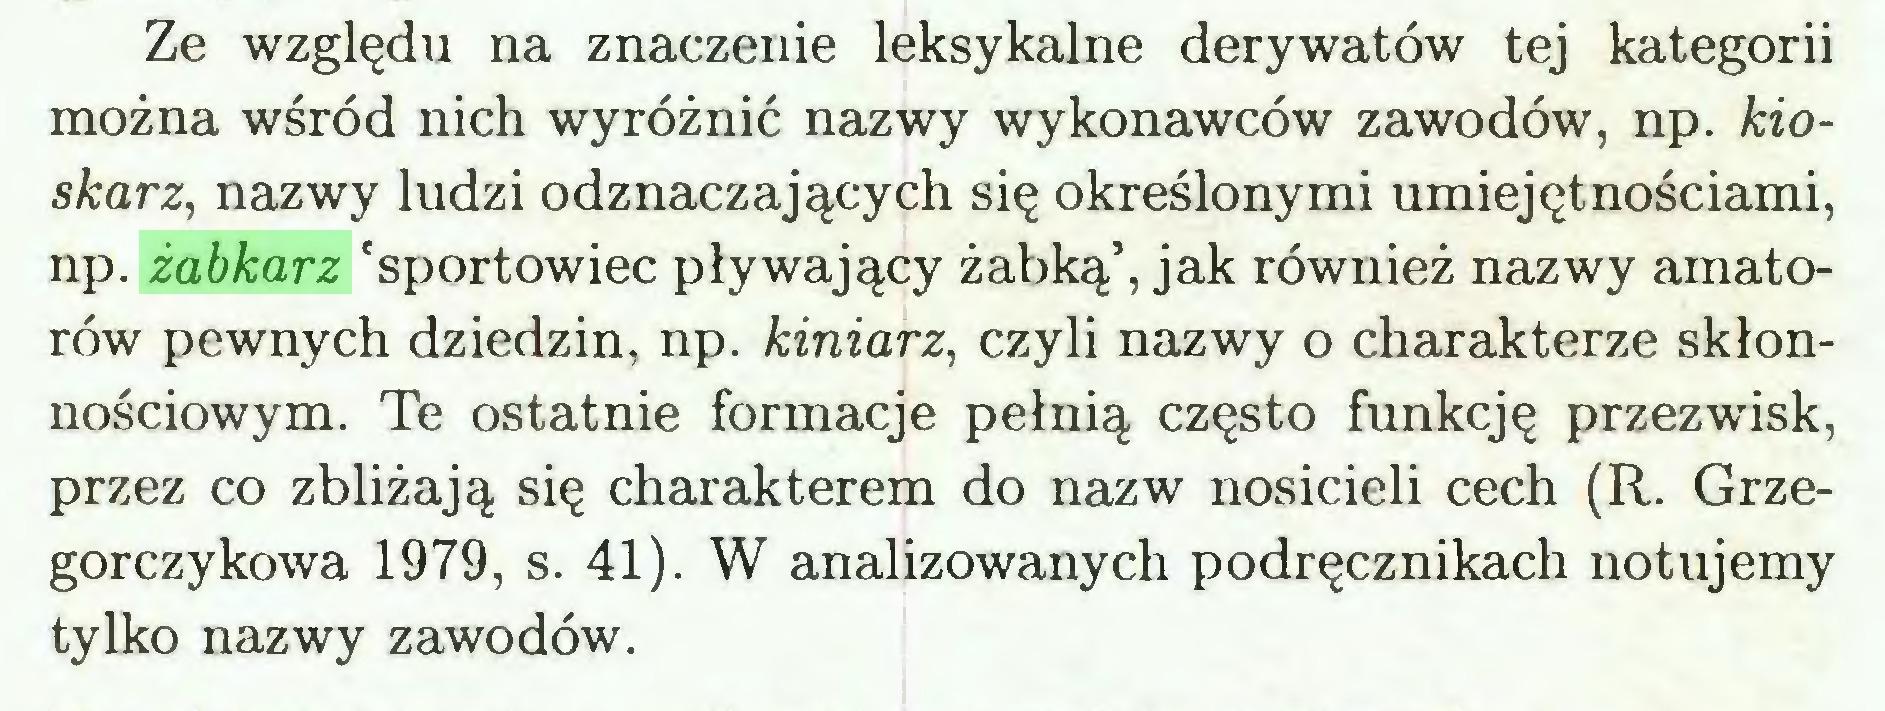 (...) Ze względu na znaczenie leksykalne derywatów tej kategorii można wśród nich wyróżnić nazwy wykonawców zawodów, np. kioskarz, nazwy ludzi odznaczających się określonymi umiejętnościami, np. żabkarz 'sportowiec pływający żabką', jak również nazwy amatorów pewnych dziedzin, np. kiniarz, czyli nazwy o charakterze skłonnościowym. Te ostatnie formacje pełnią często funkcję przezwisk, przez co zbliżają się charakterem do nazw nosicieli cech (R. Grzegorczykowa 1979, s. 41). W analizowanych podręcznikach notujemy tylko nazwy zawodów...